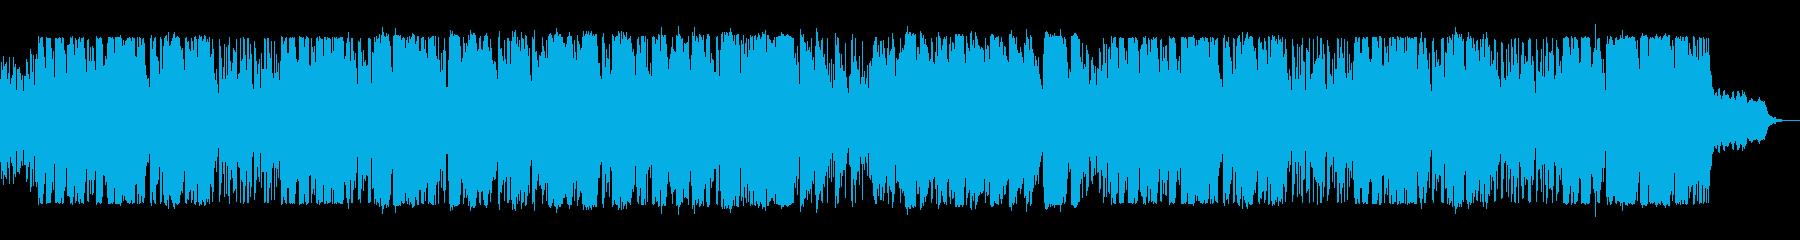 動画 アクション 技術的な 説明的...の再生済みの波形